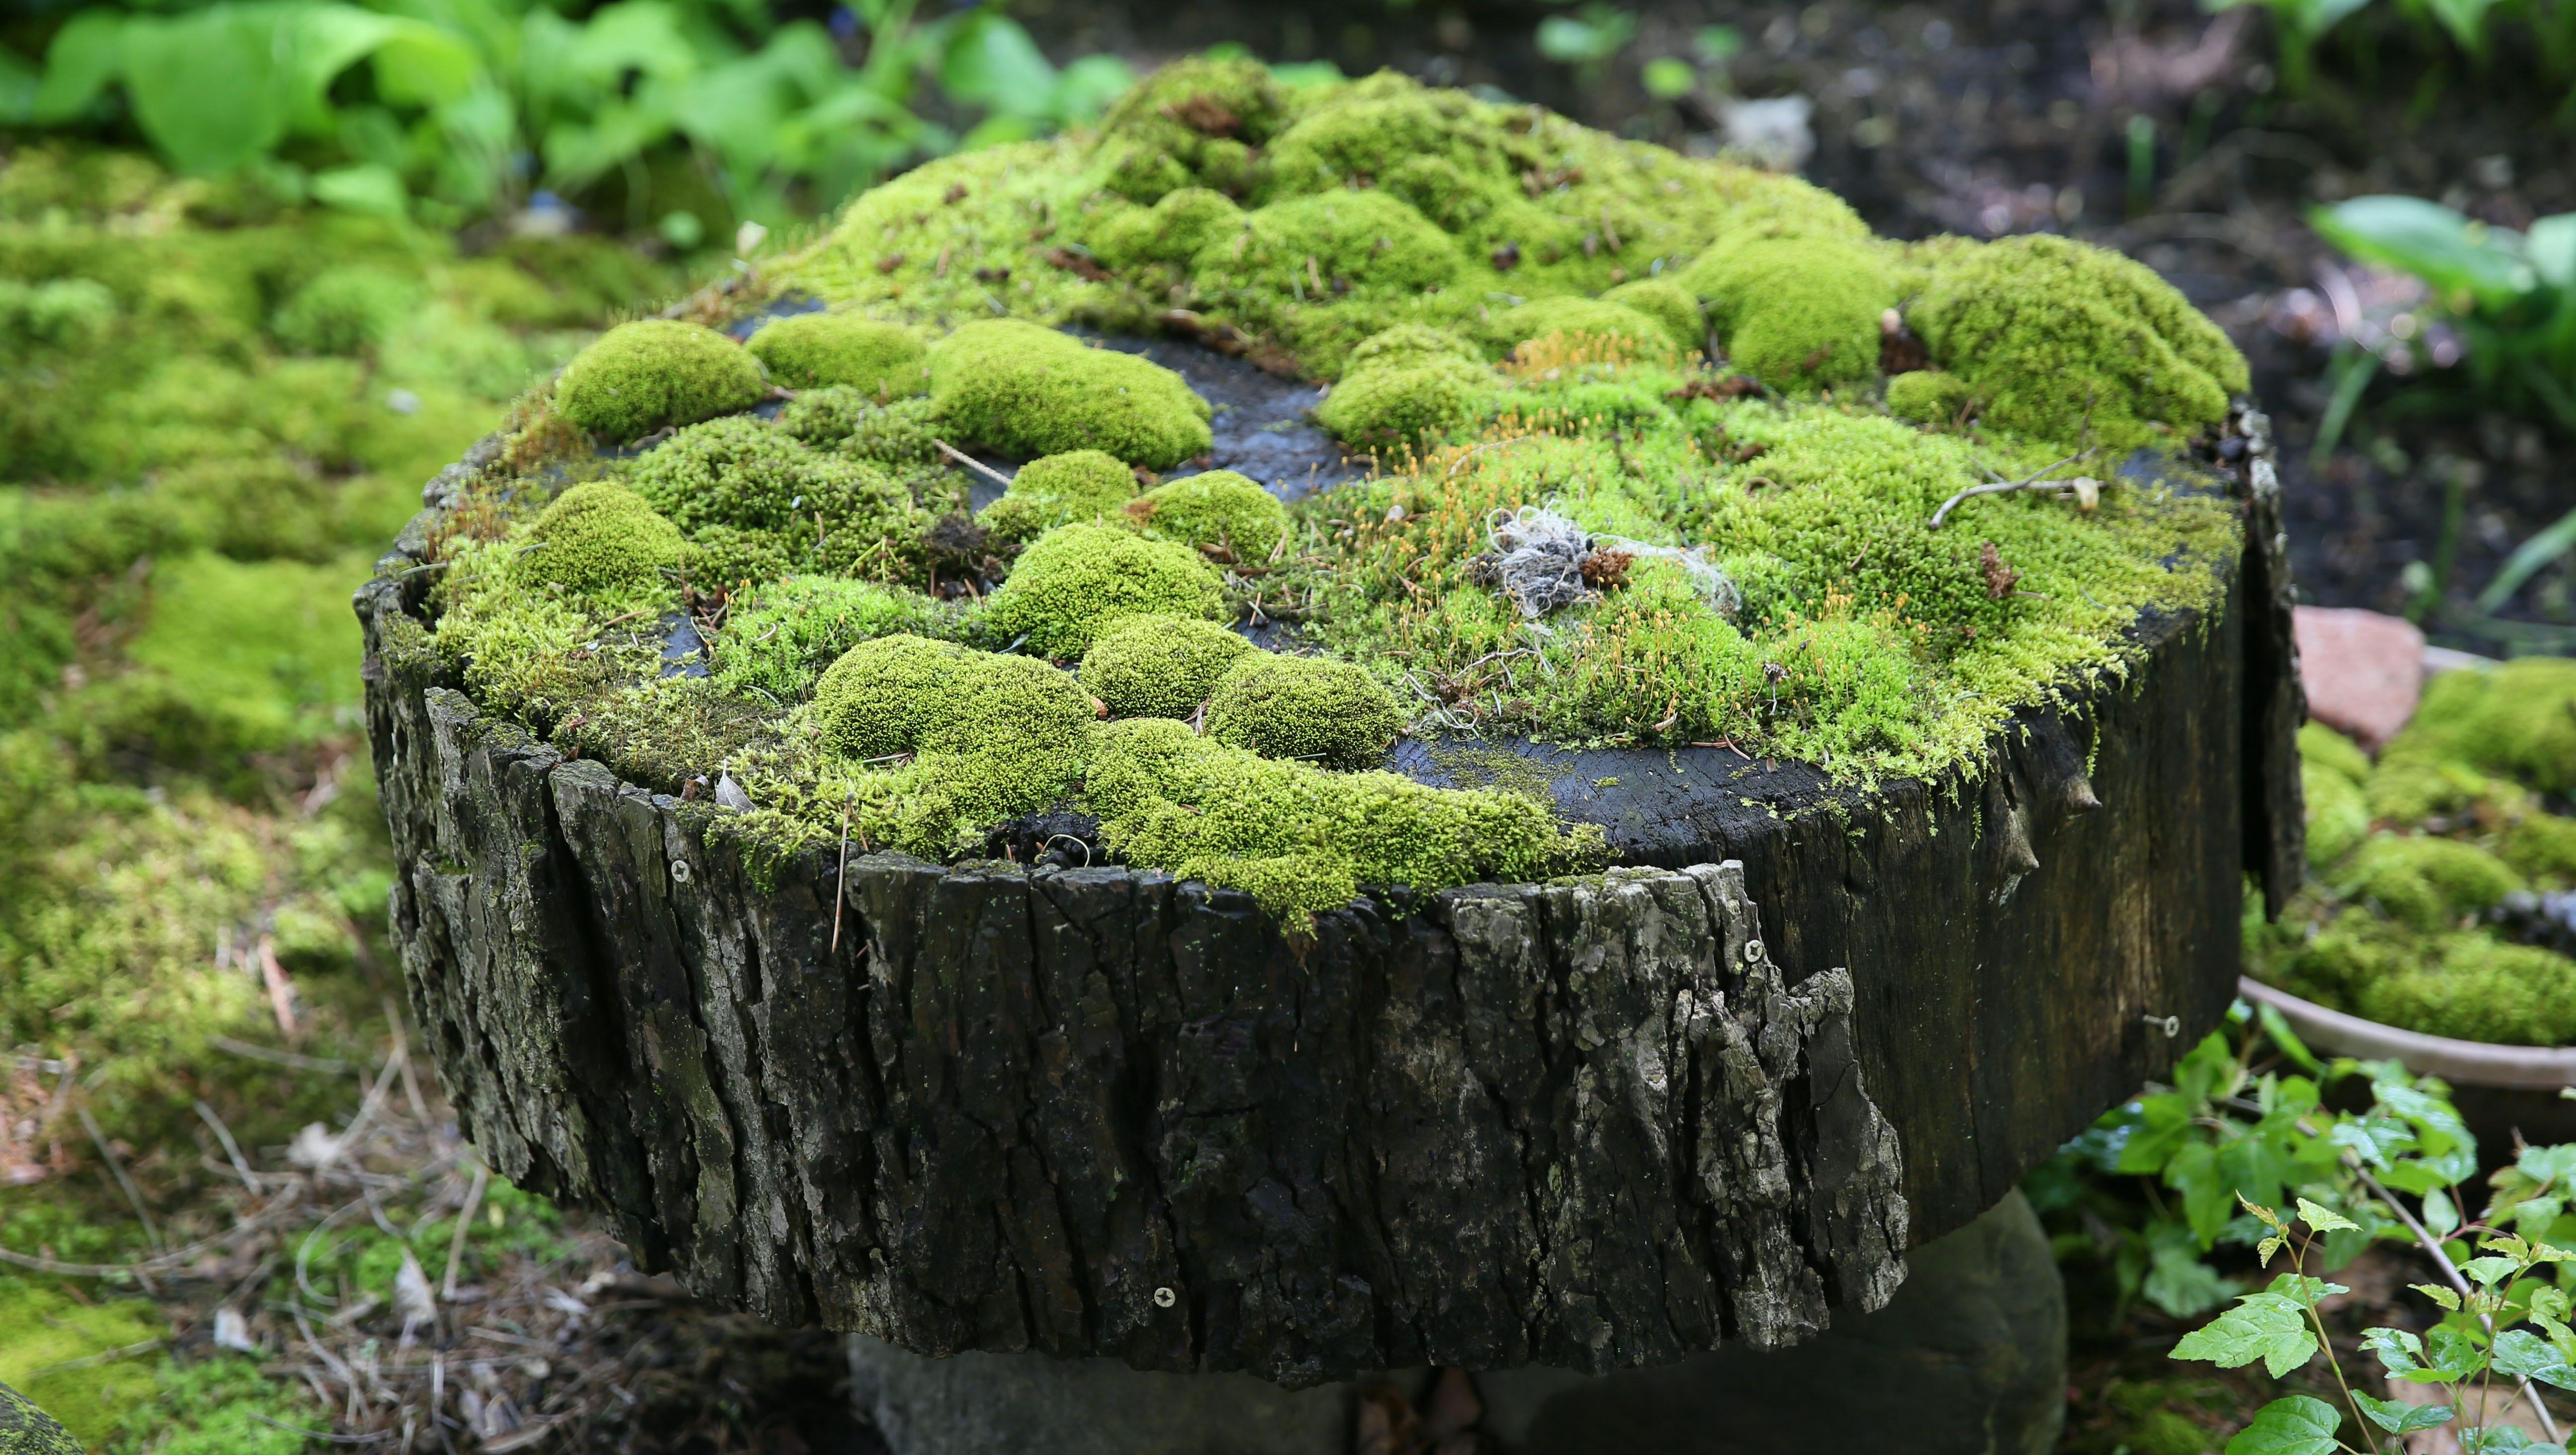 Carpet Of Green  Moss